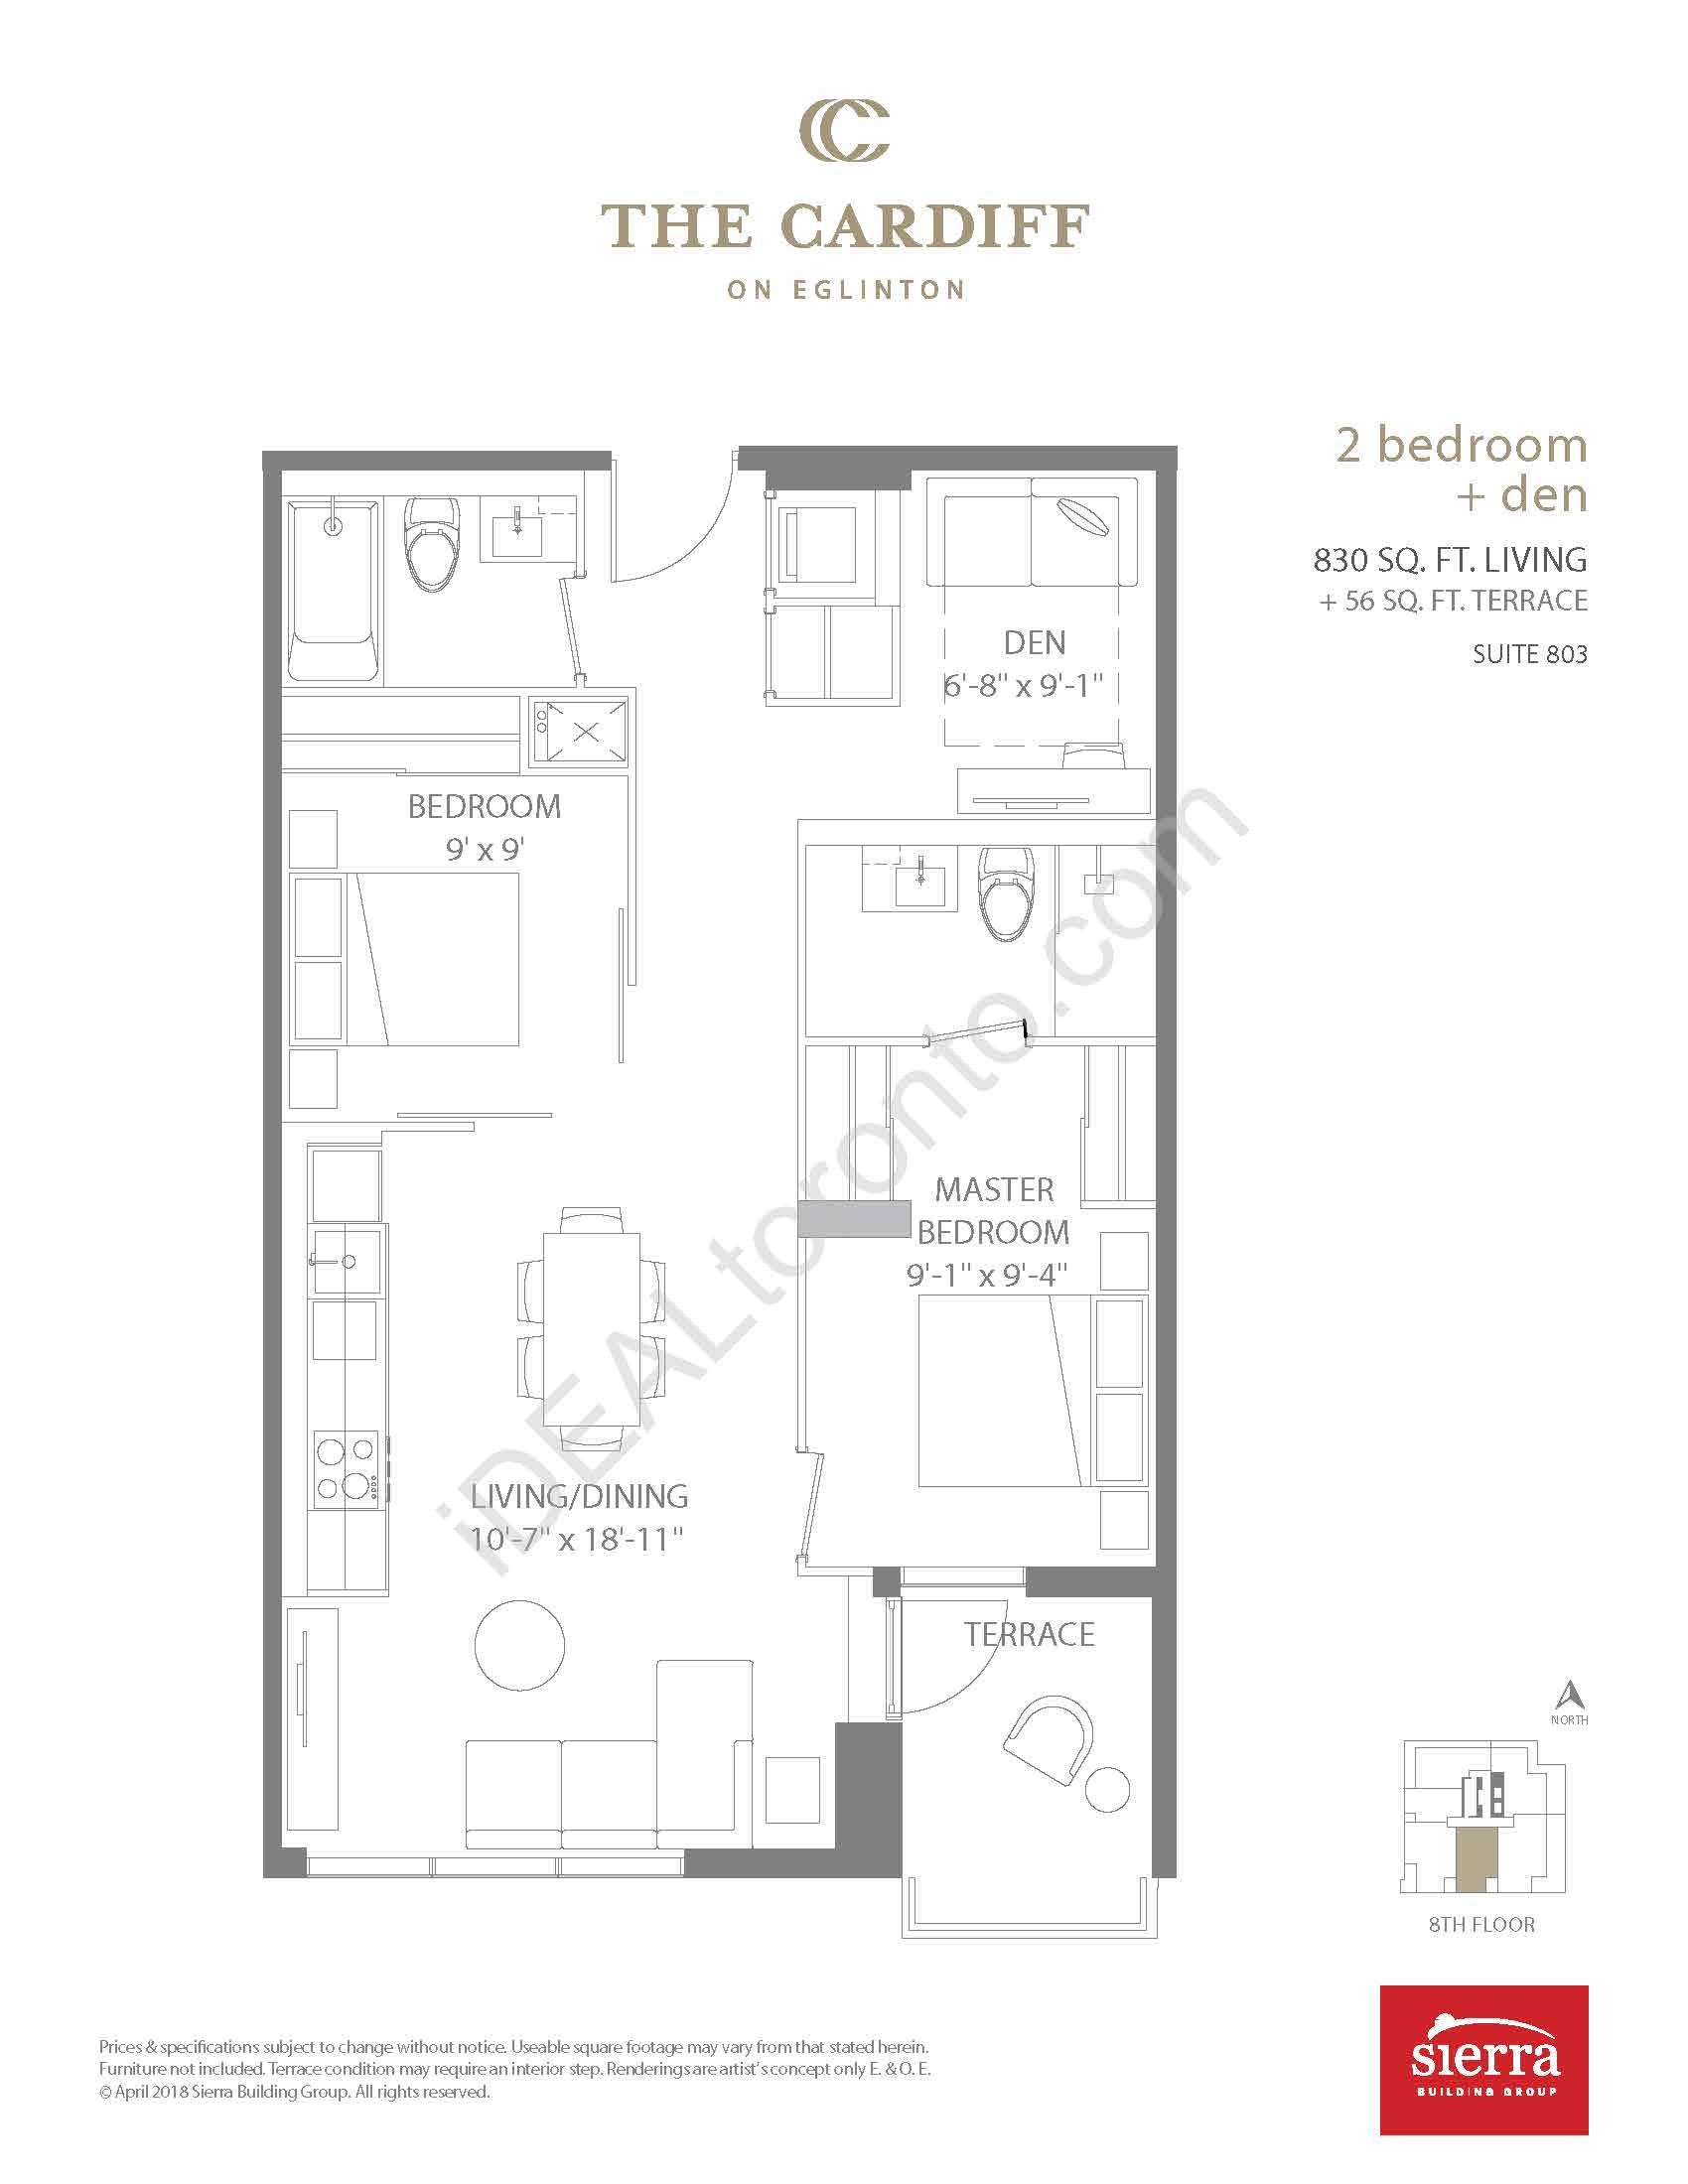 2 Bedroom + Den + Terrace